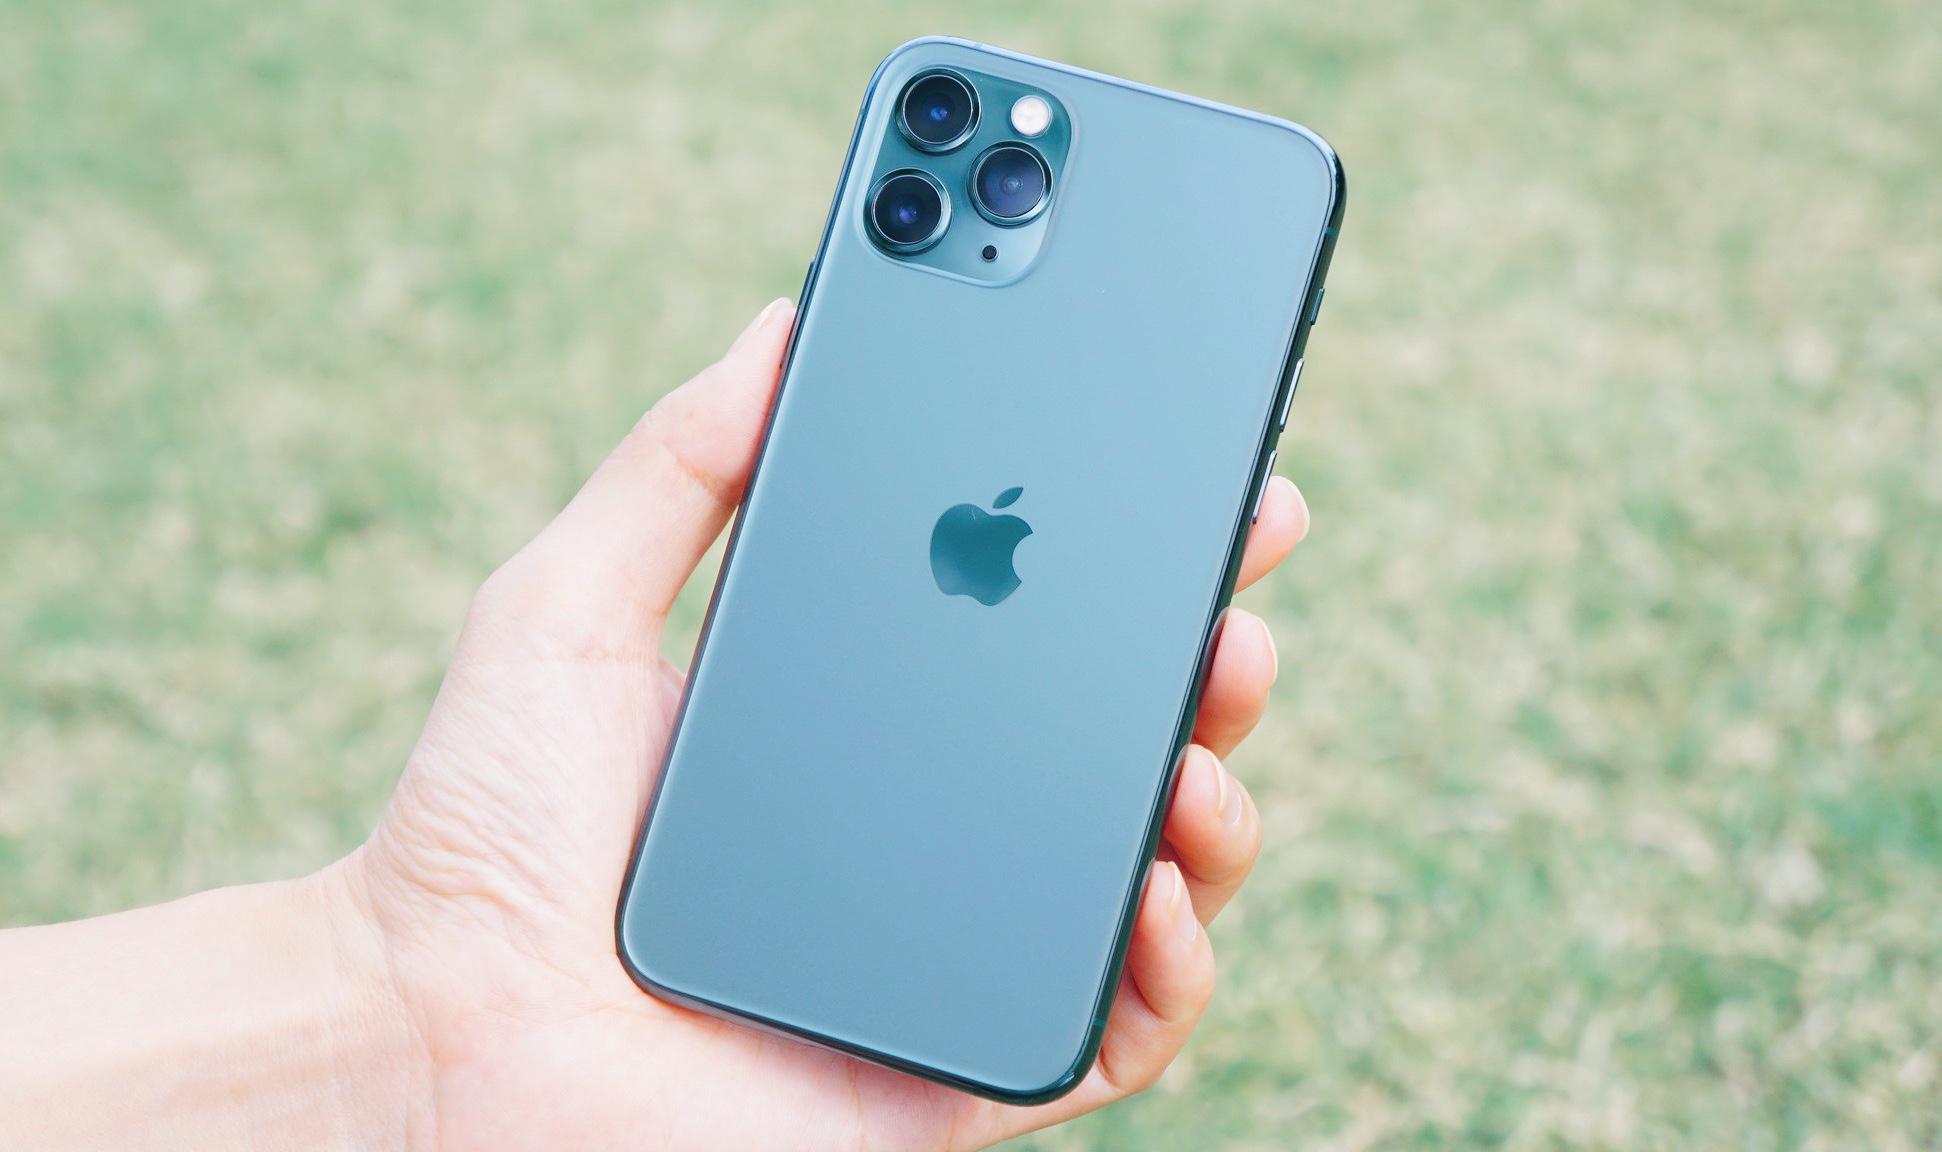 iPhone12の噂まとめ:いつ発売?発表日・価格・スペックなど